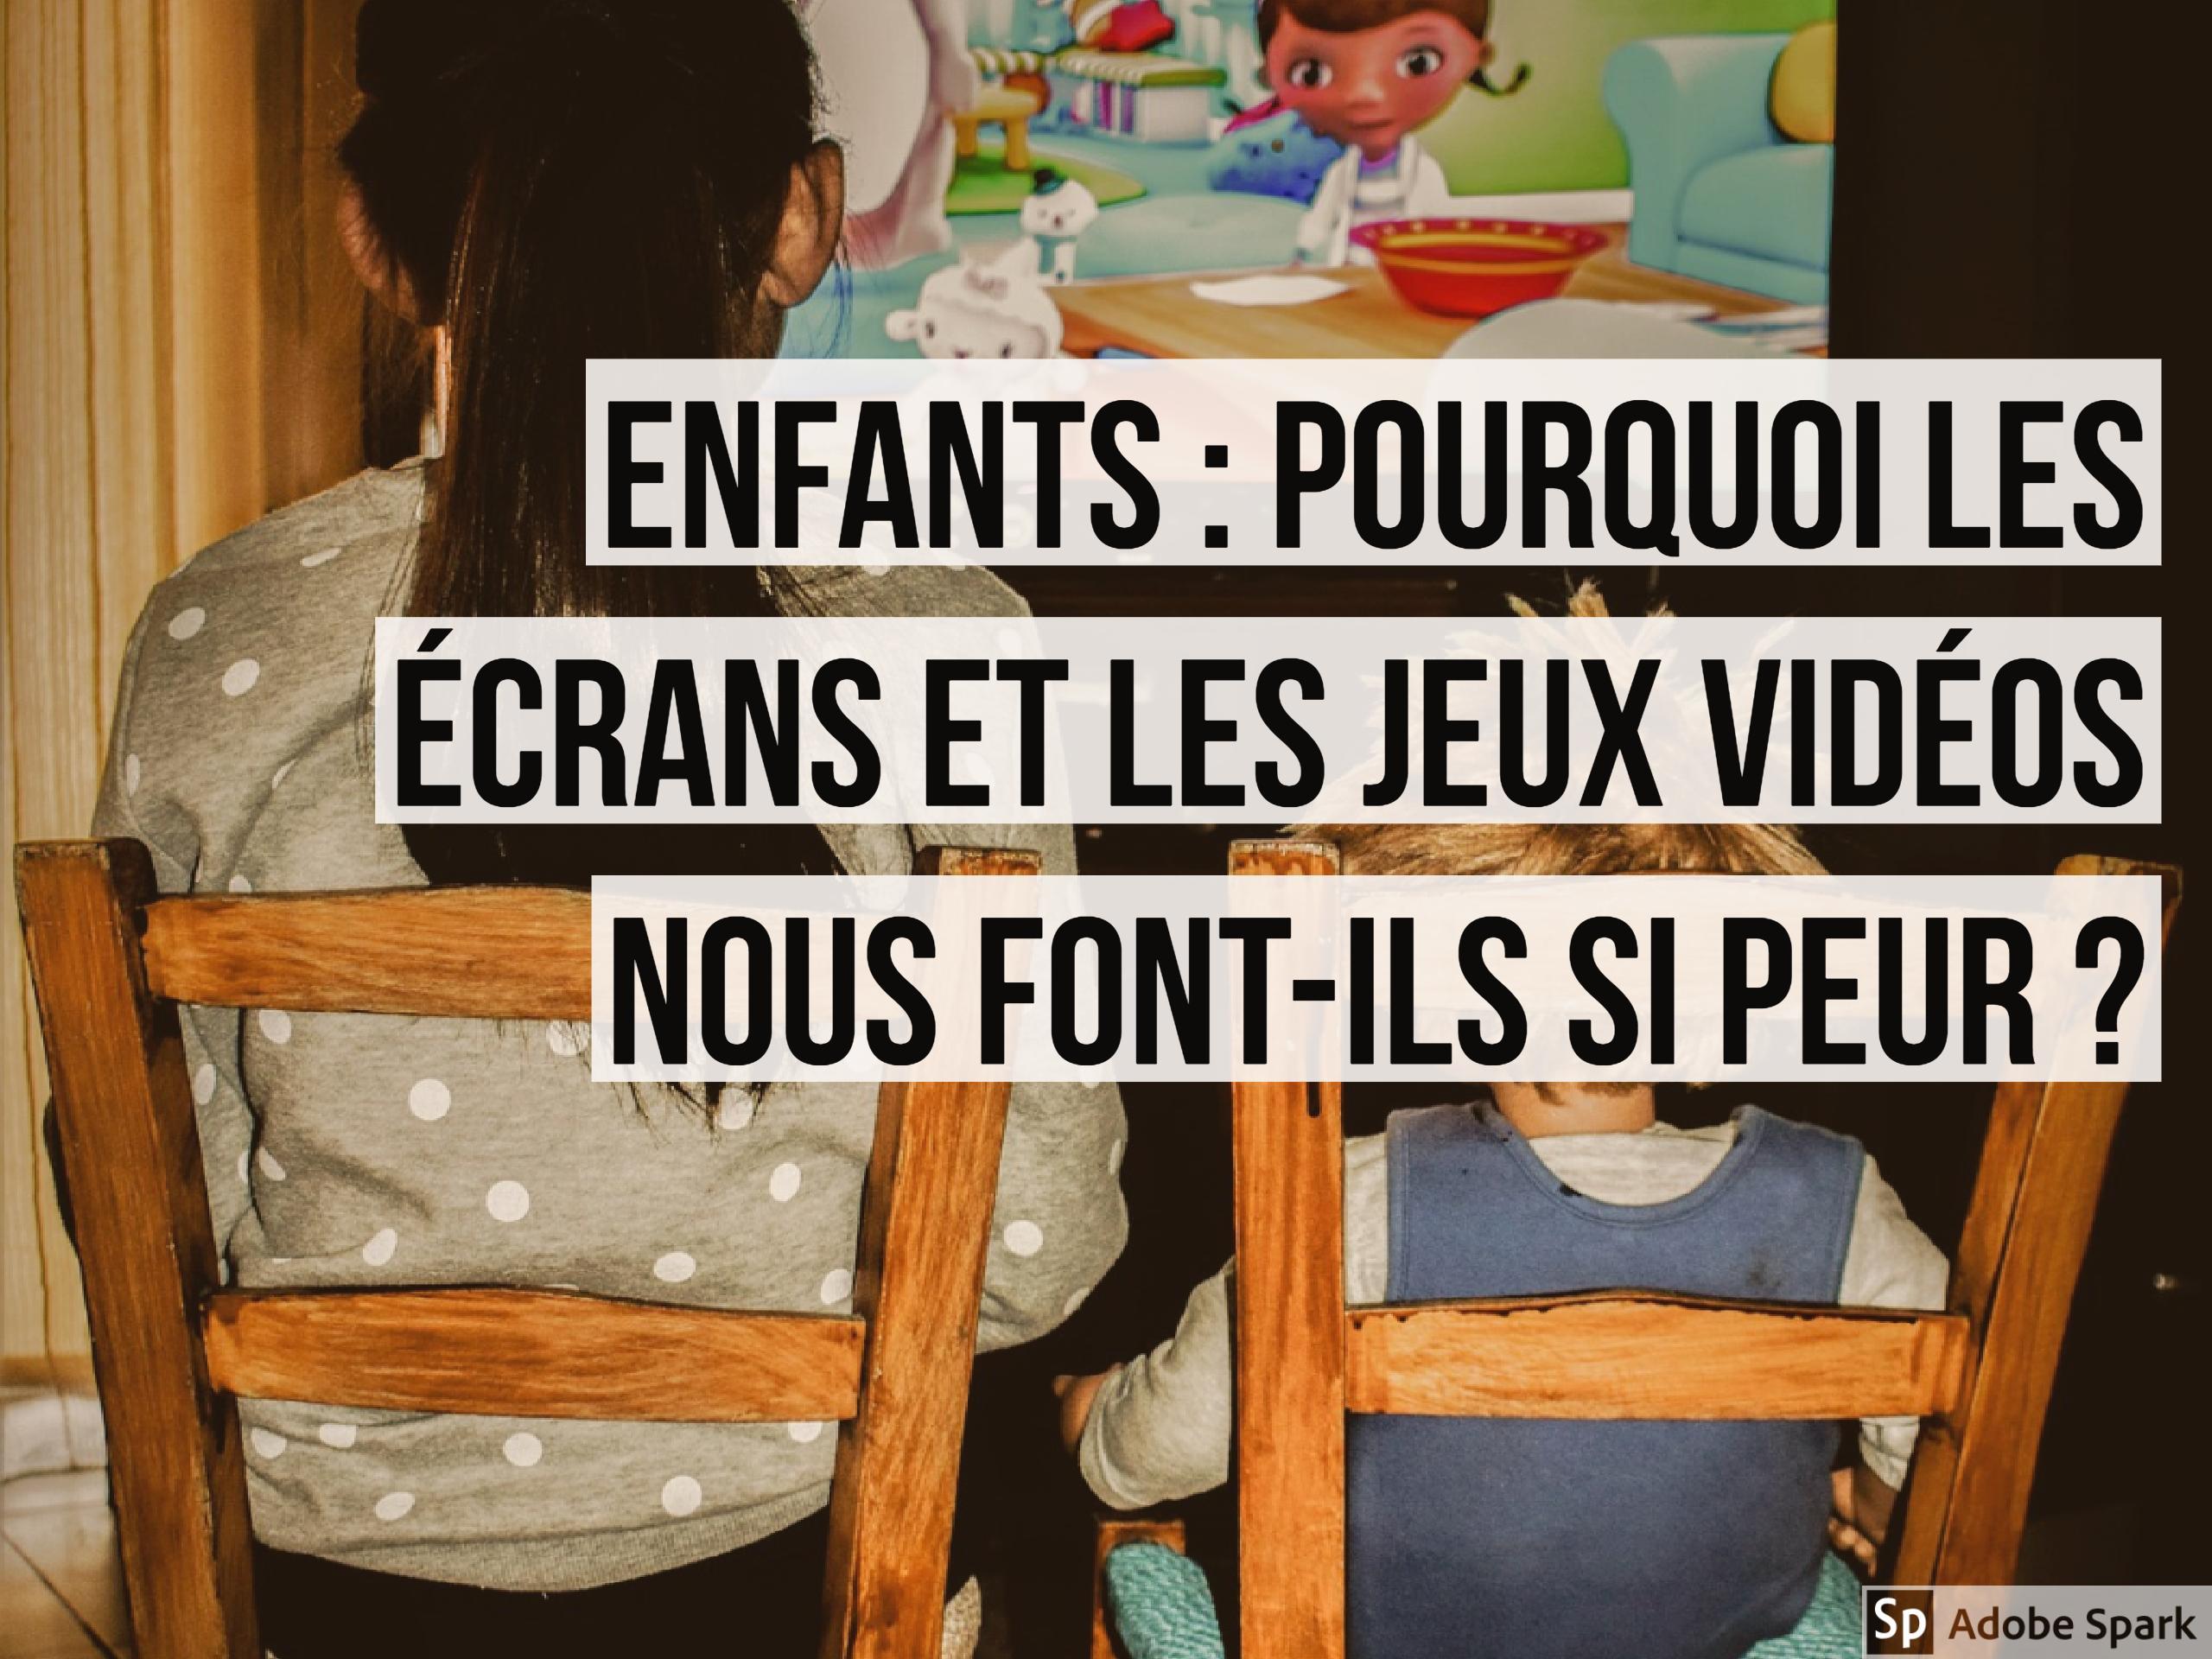 Enfants : pourquoi les écrans et les jeux vidéos nous font-ils si peur ?